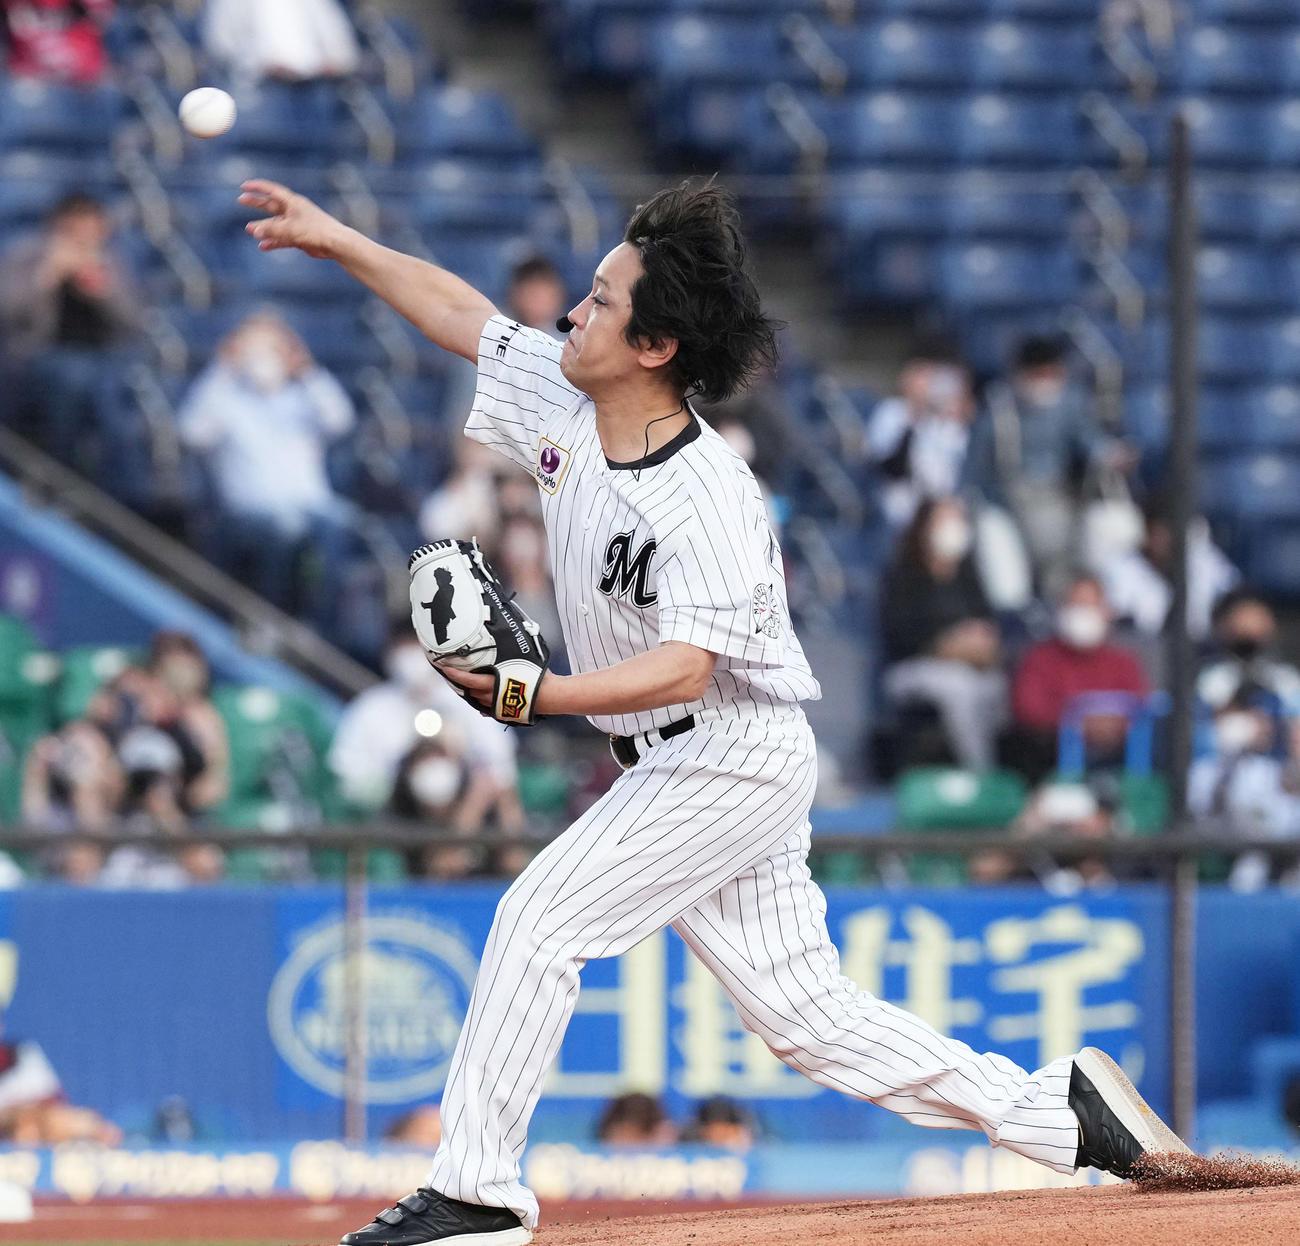 ファーストピッチセレモニーで投球するぺこぱの松陰寺太勇(撮影・鈴木みどり)